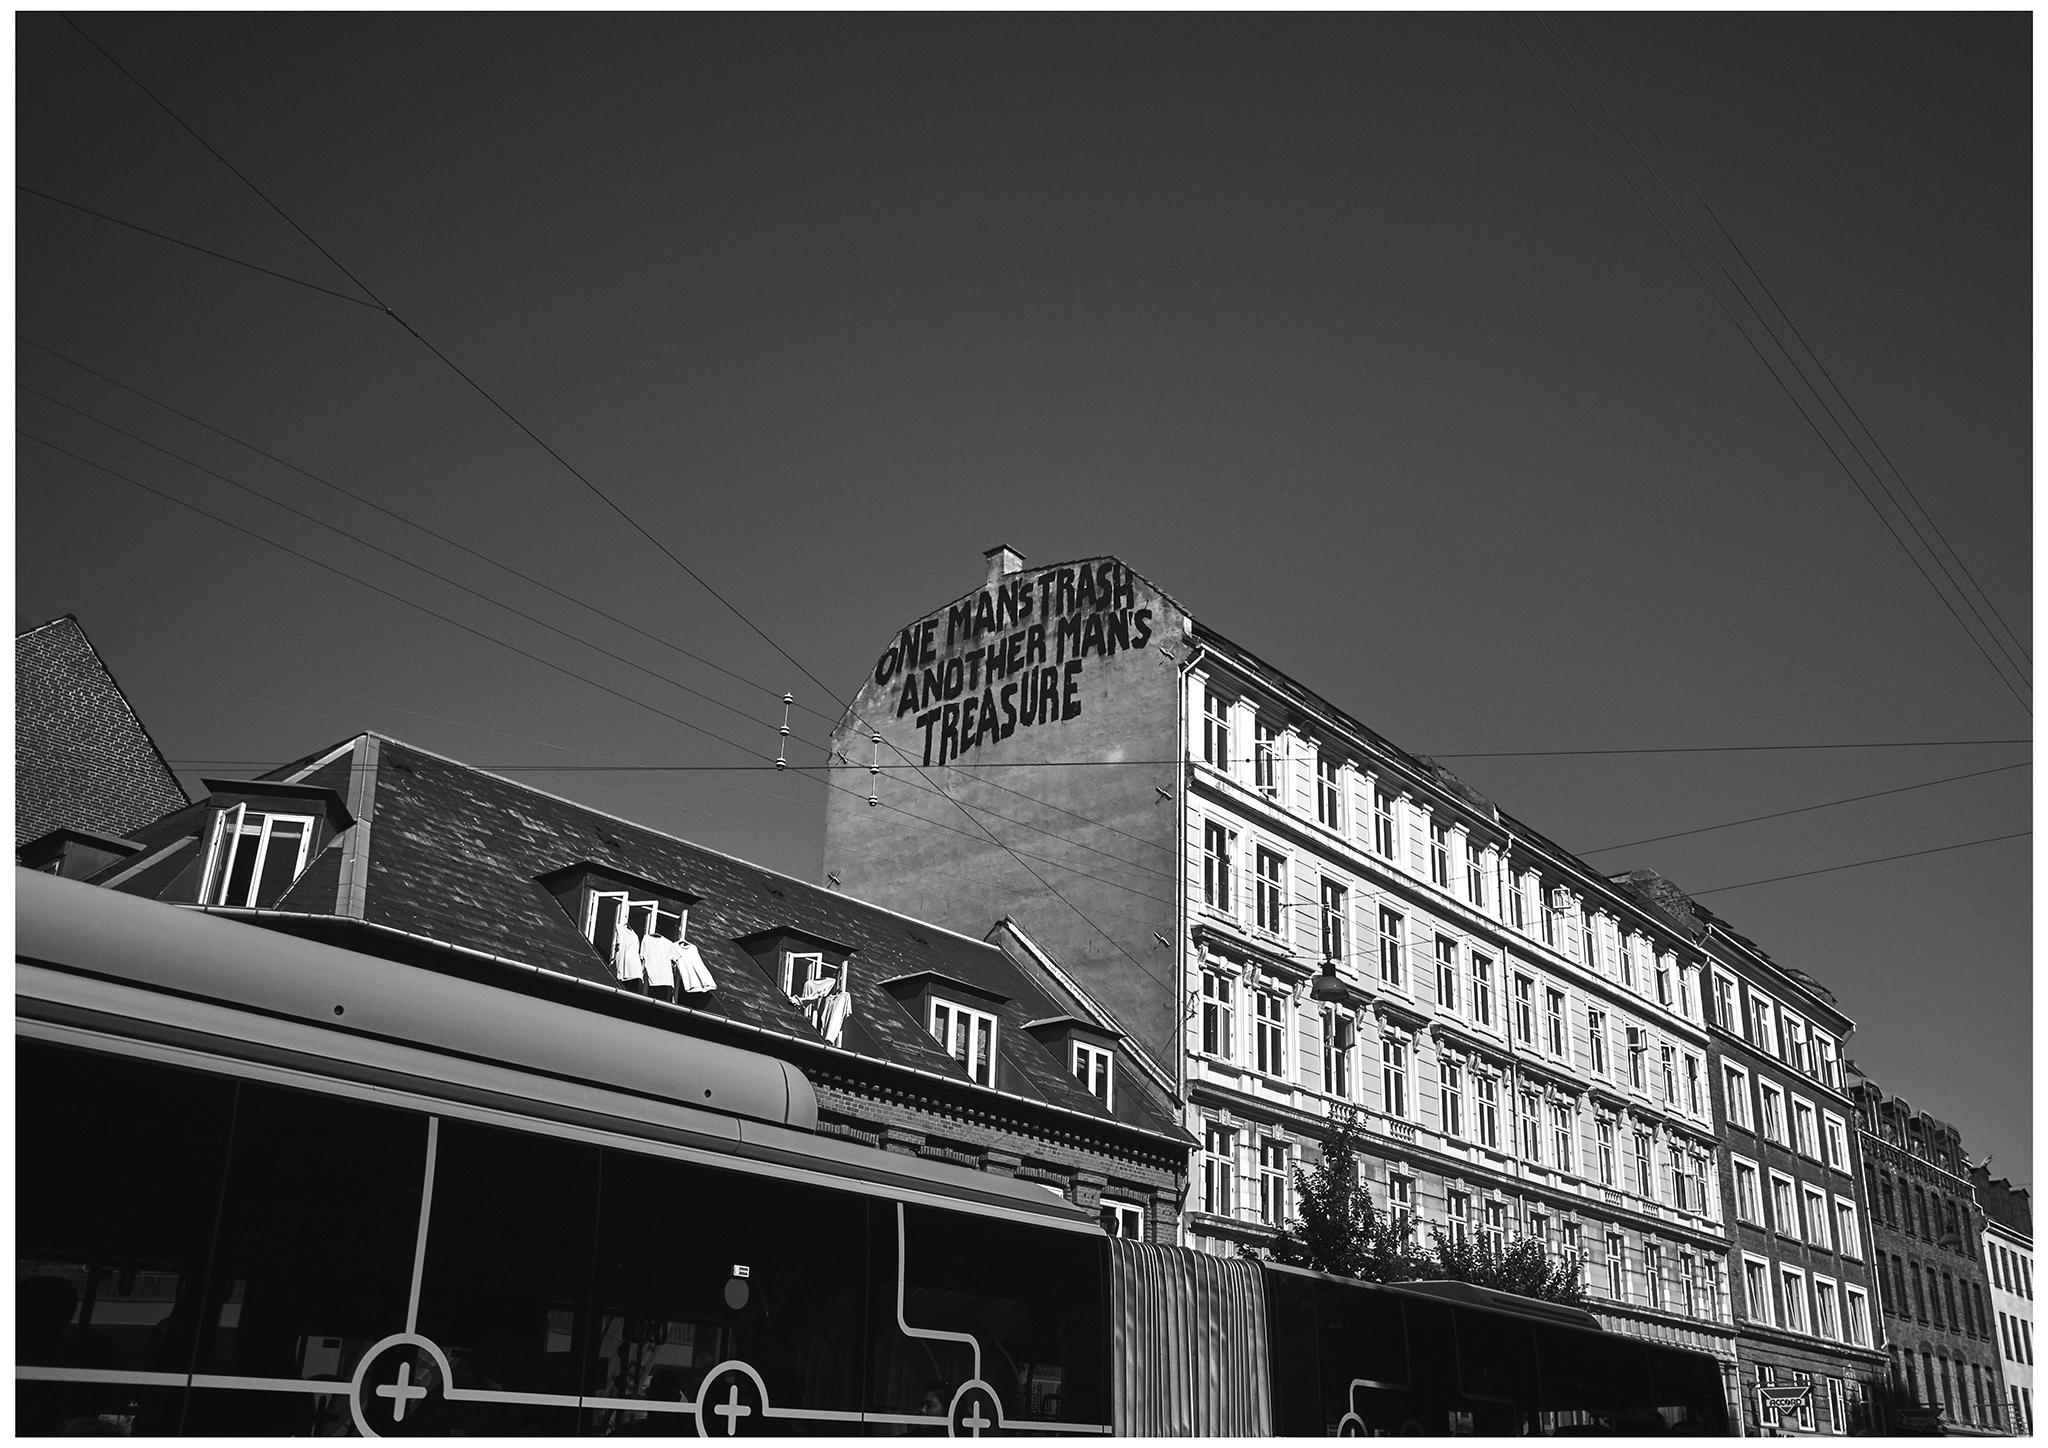 Copenhagen_Grafitti_Print01